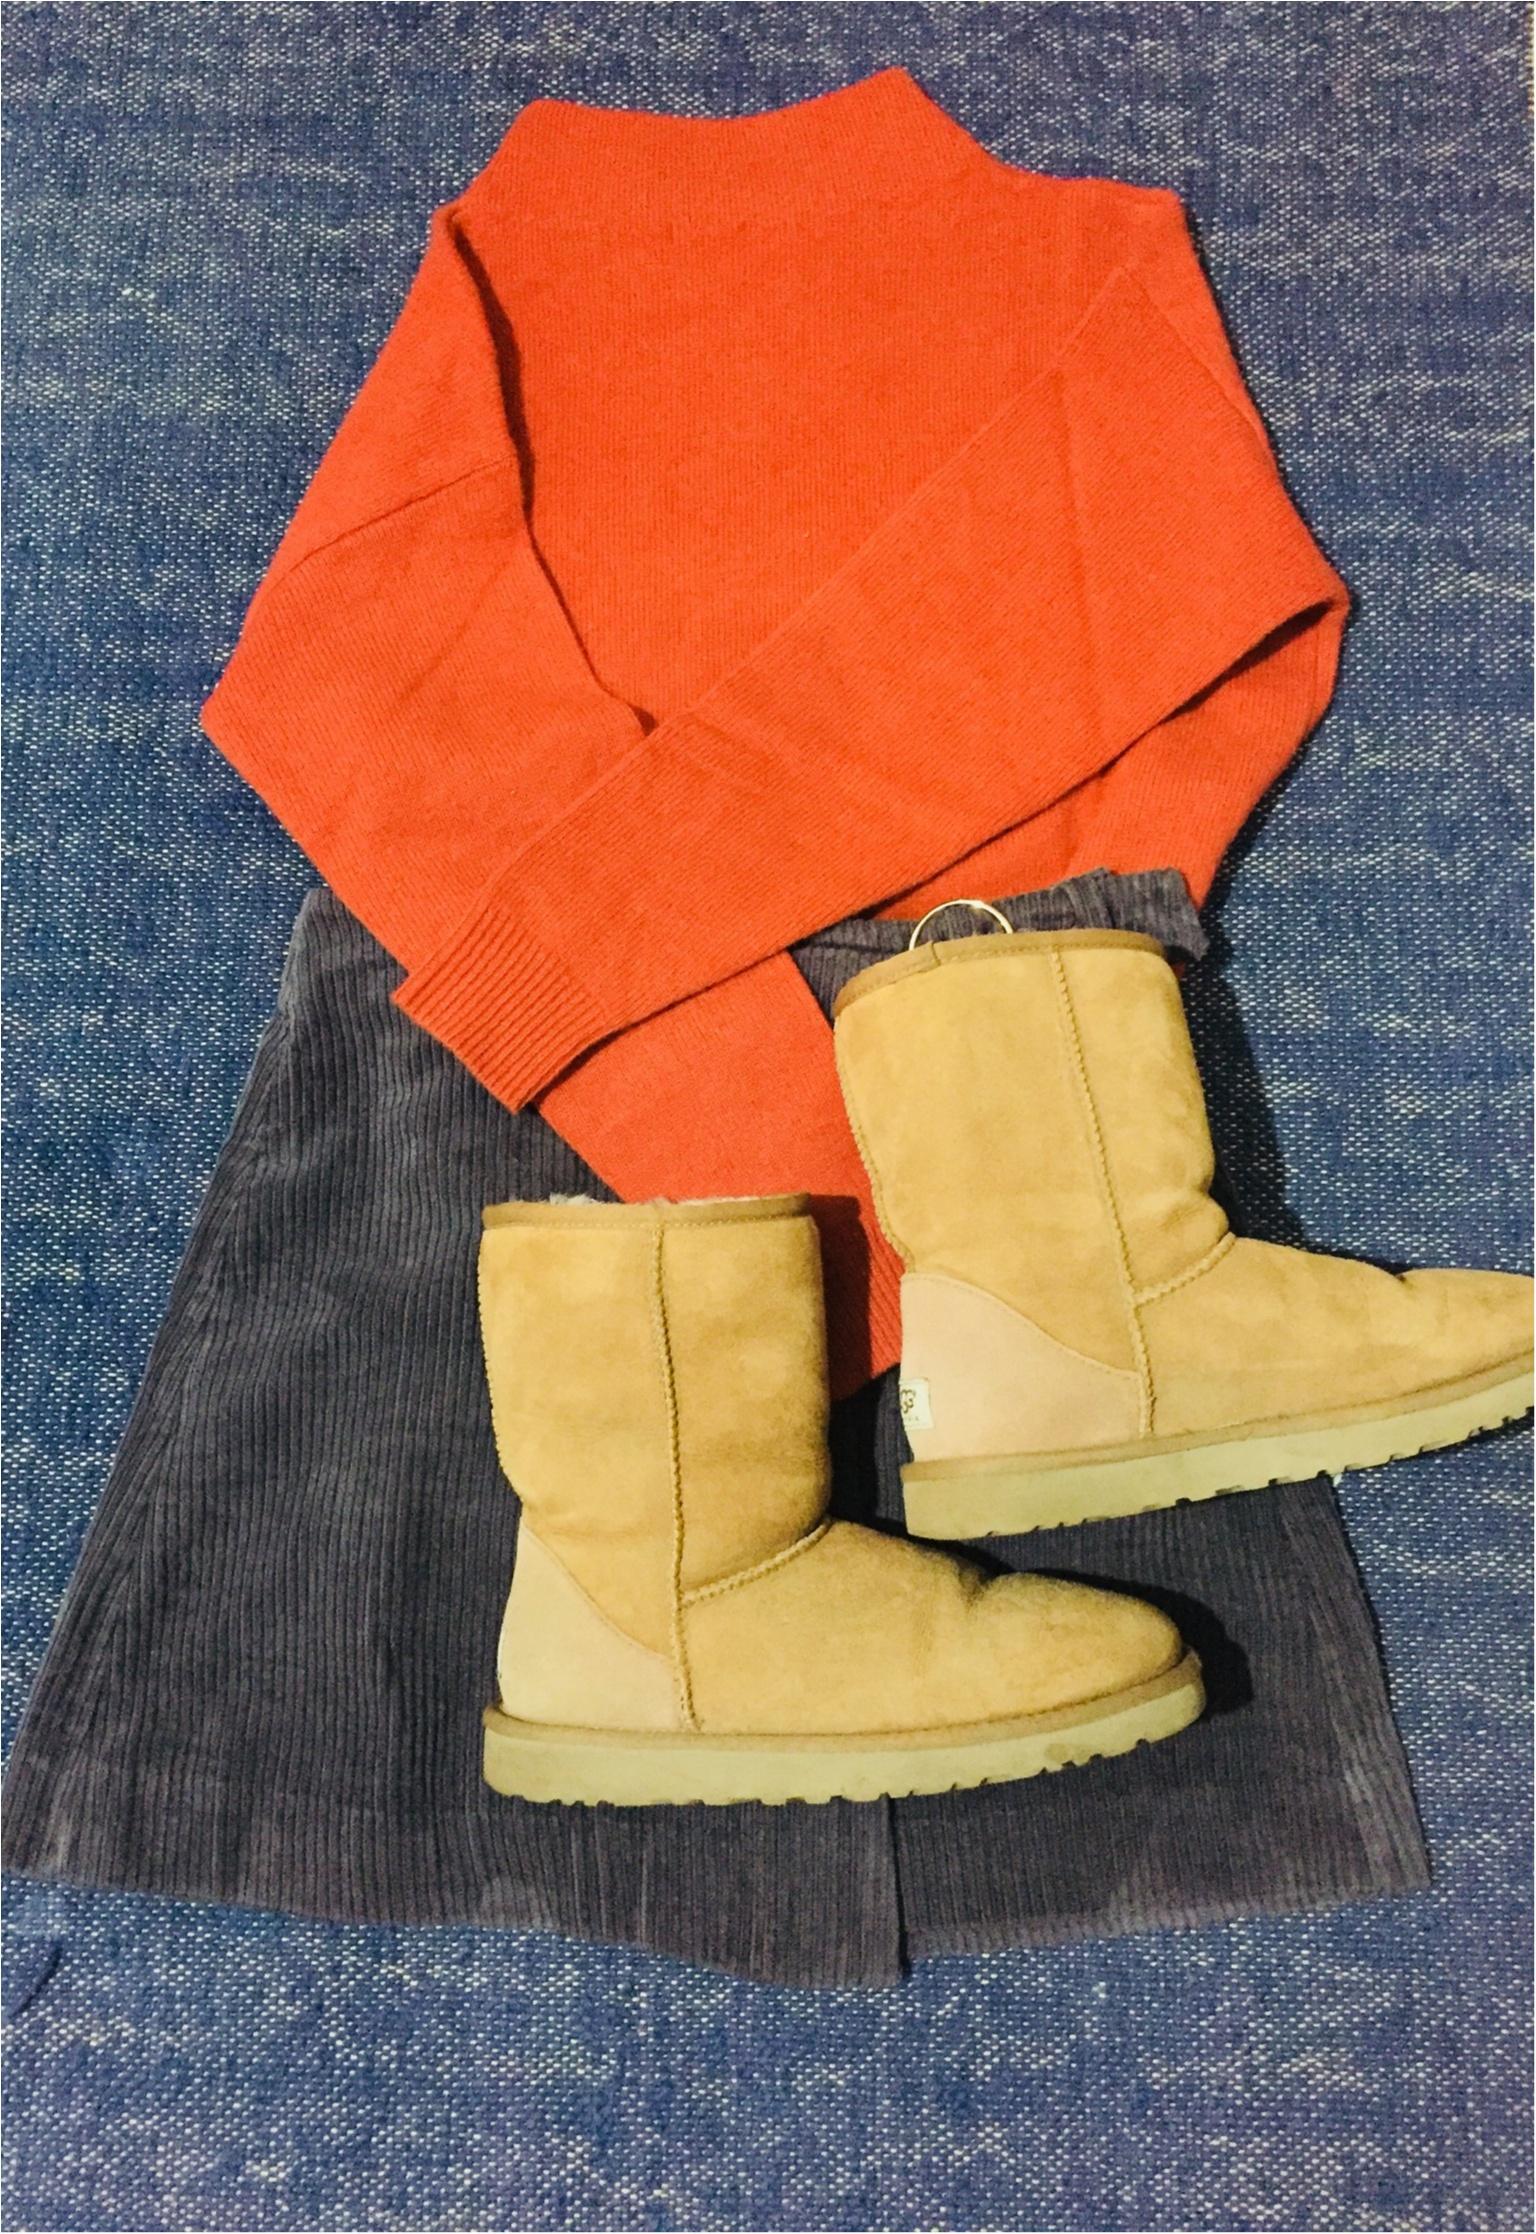 【UNIQLO de お買い物❤︎】寒い冬の気分を上げる!形がキレイ&明るい色のニットを買い足しました✌︎_3